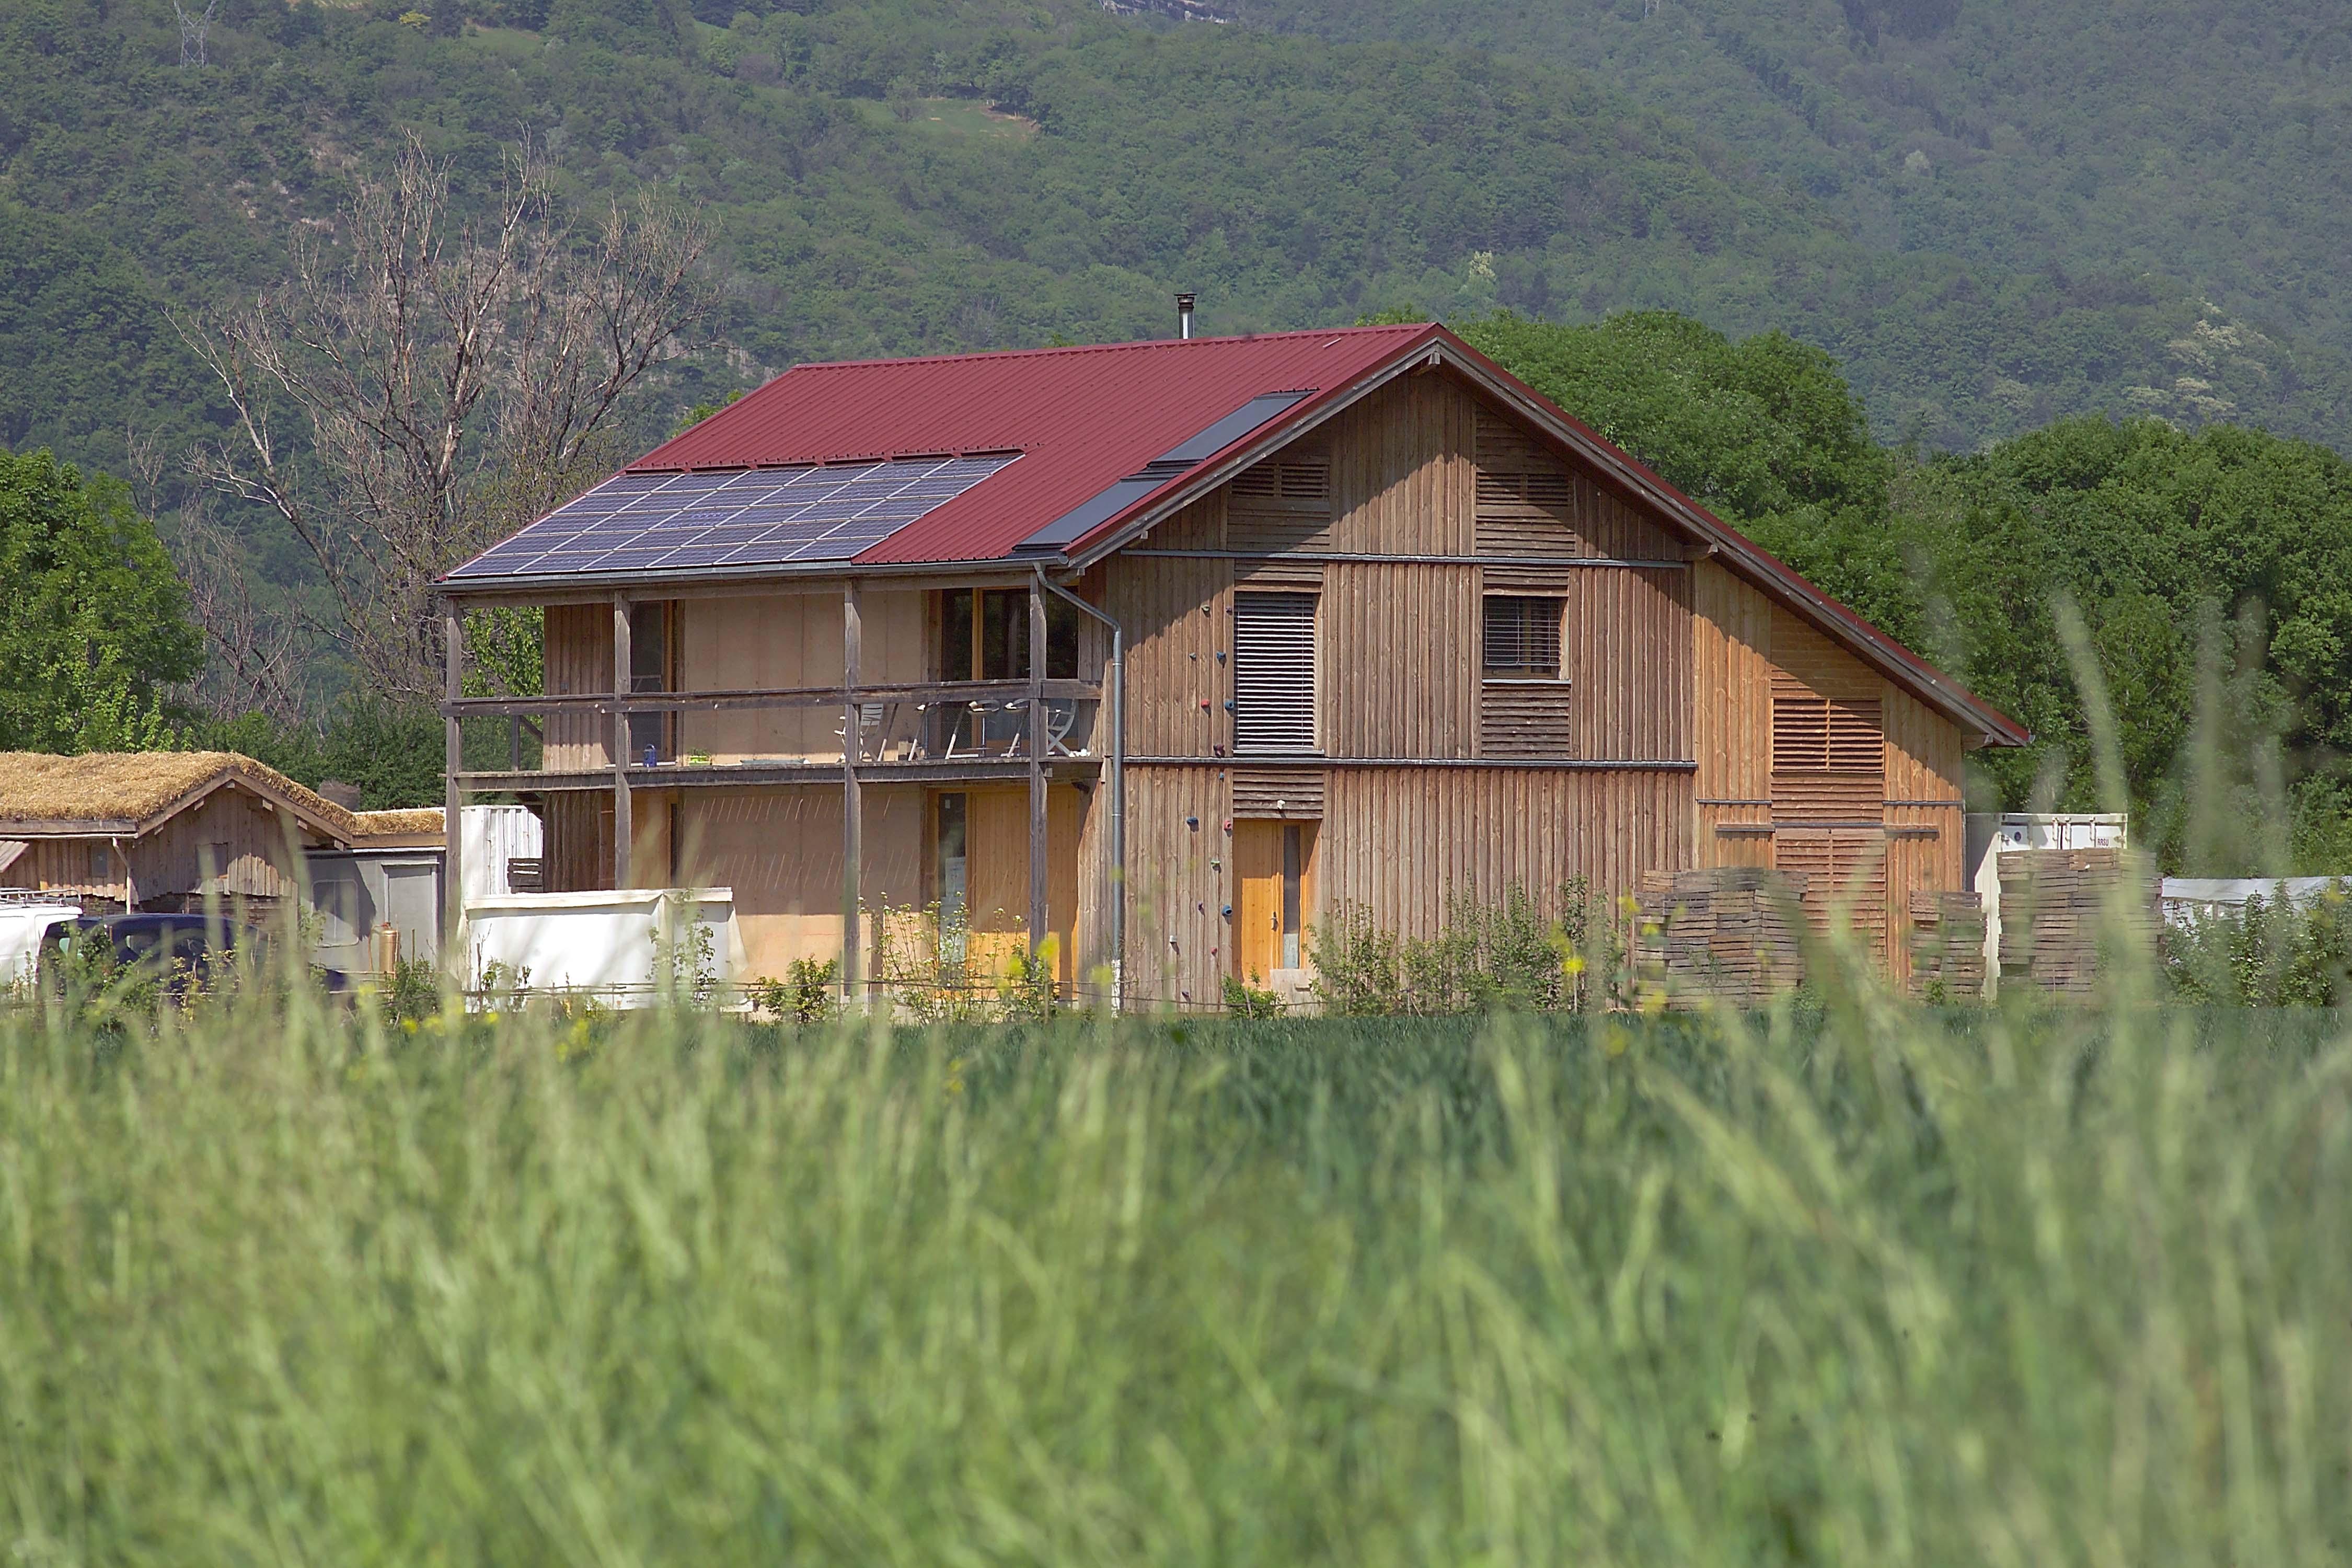 Maison d architecte la maison cologique for Architecte maison ecologique